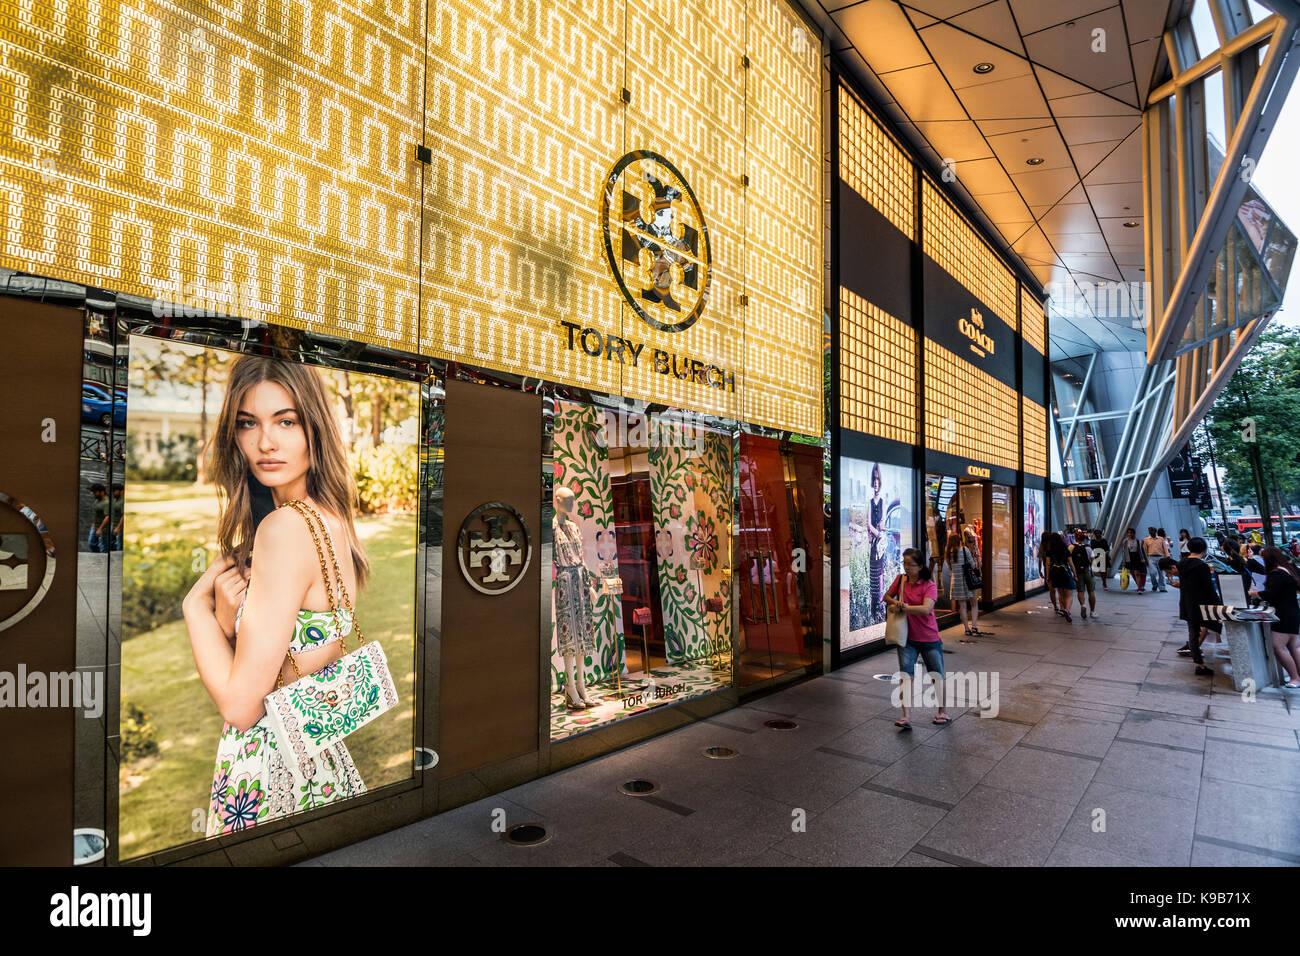 Tory Burch Las Vegas Fashion Mall